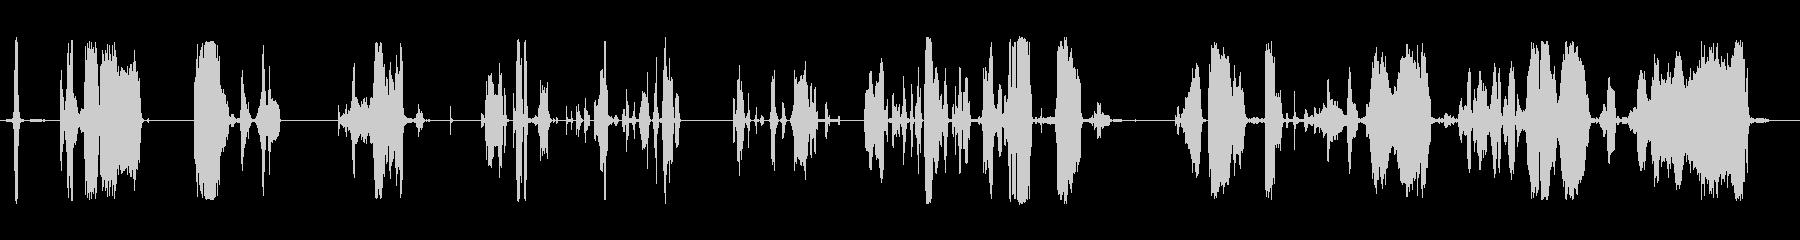 さまざまな金属の厳しいきしみ音の未再生の波形